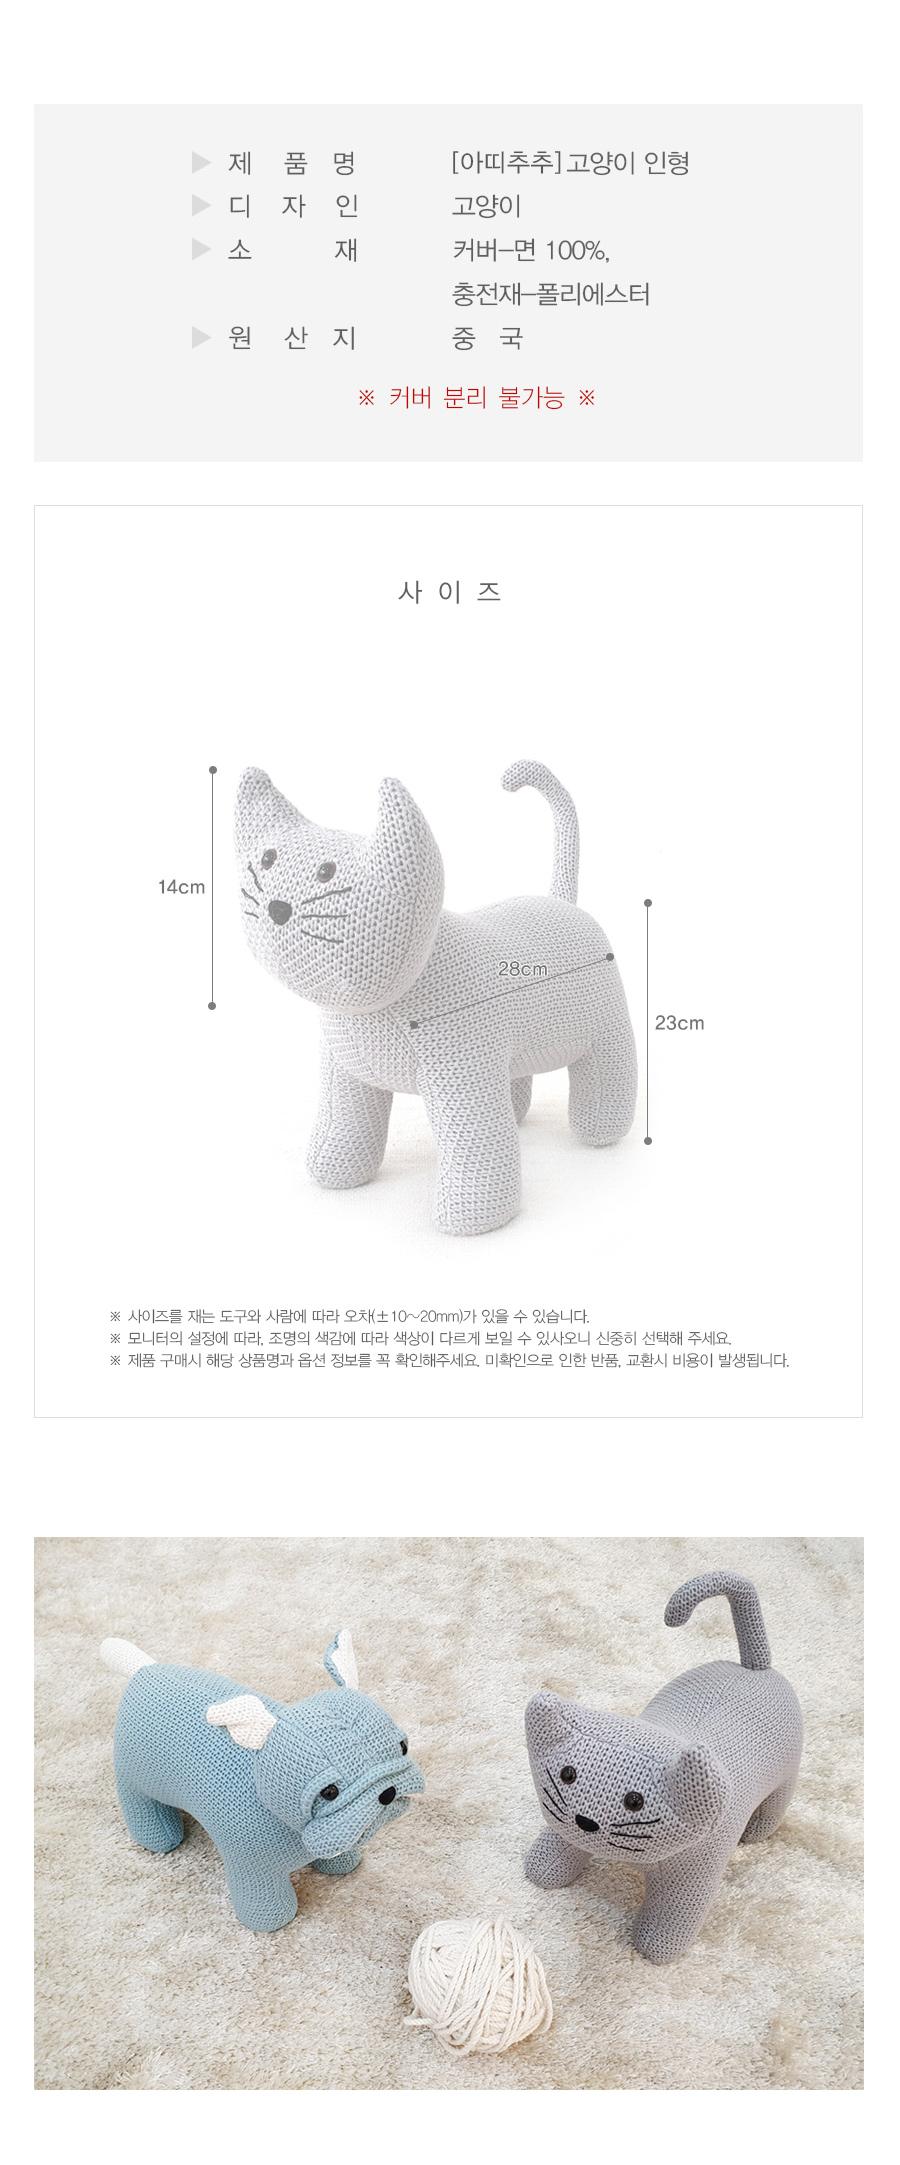 02-2_info_cat.jpg